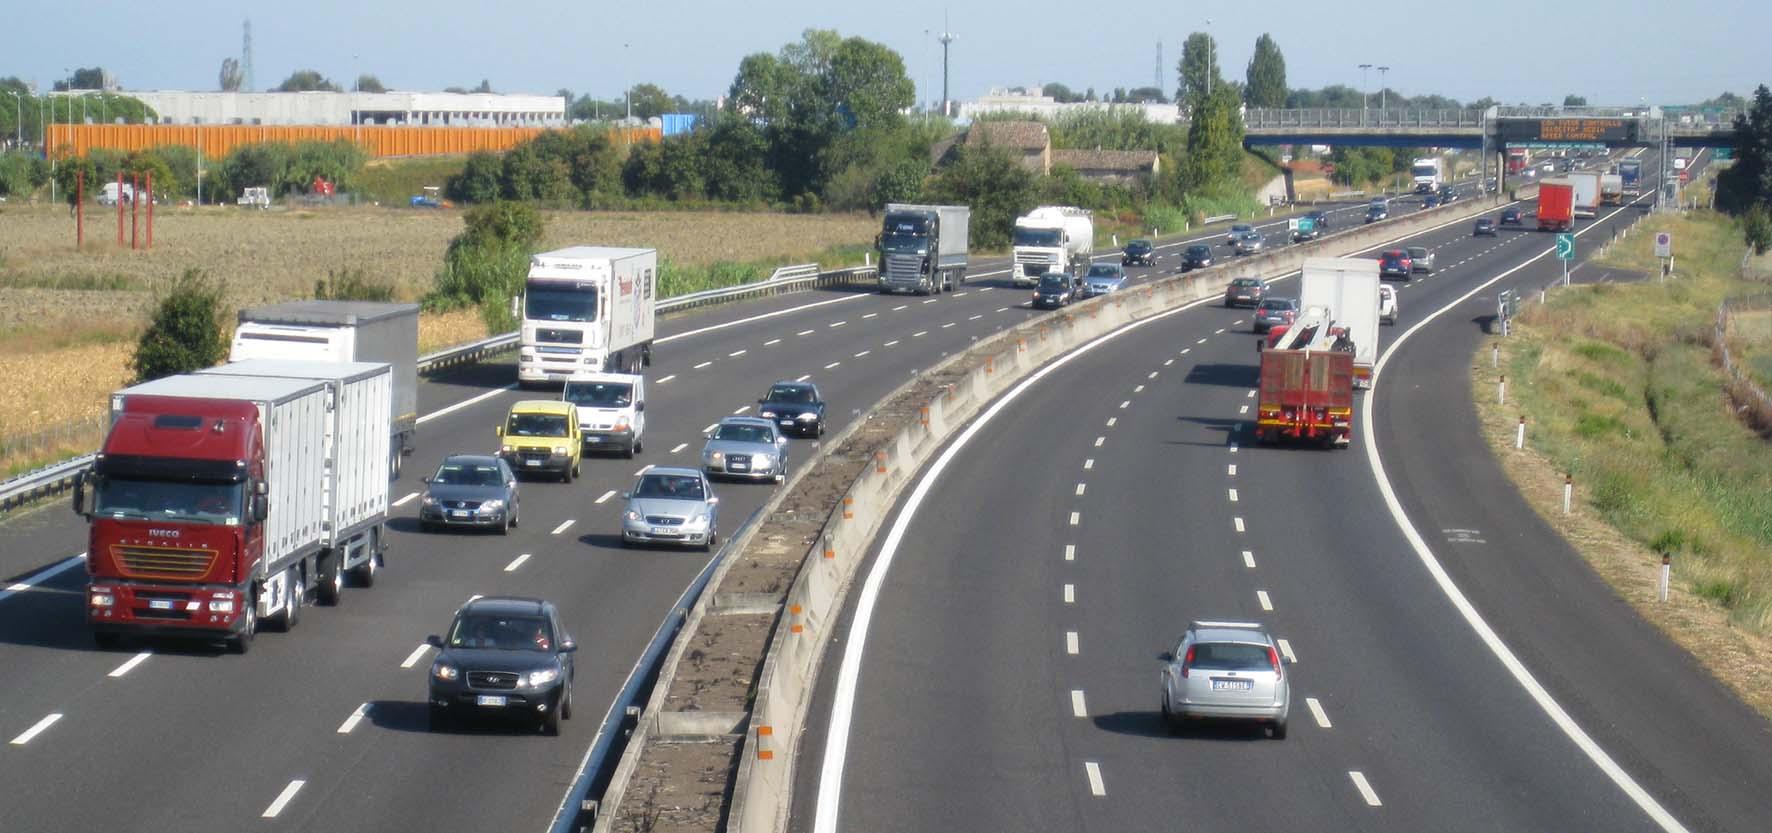 Autostrada traffico A14